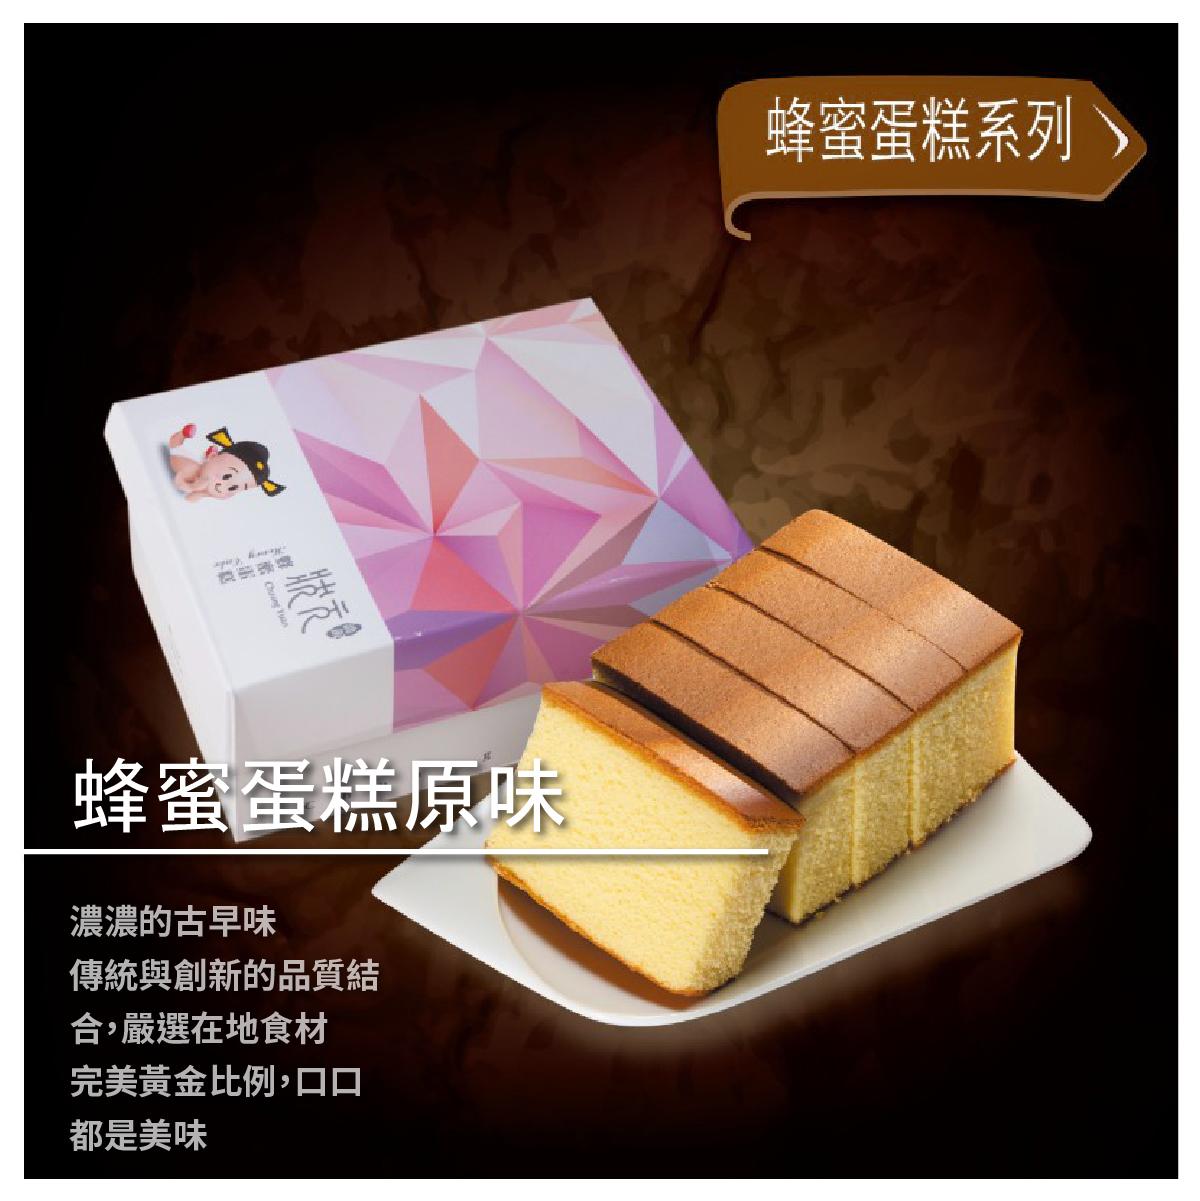 【狀元油飯彌月禮】蜂蜜蛋糕原味/5片裝